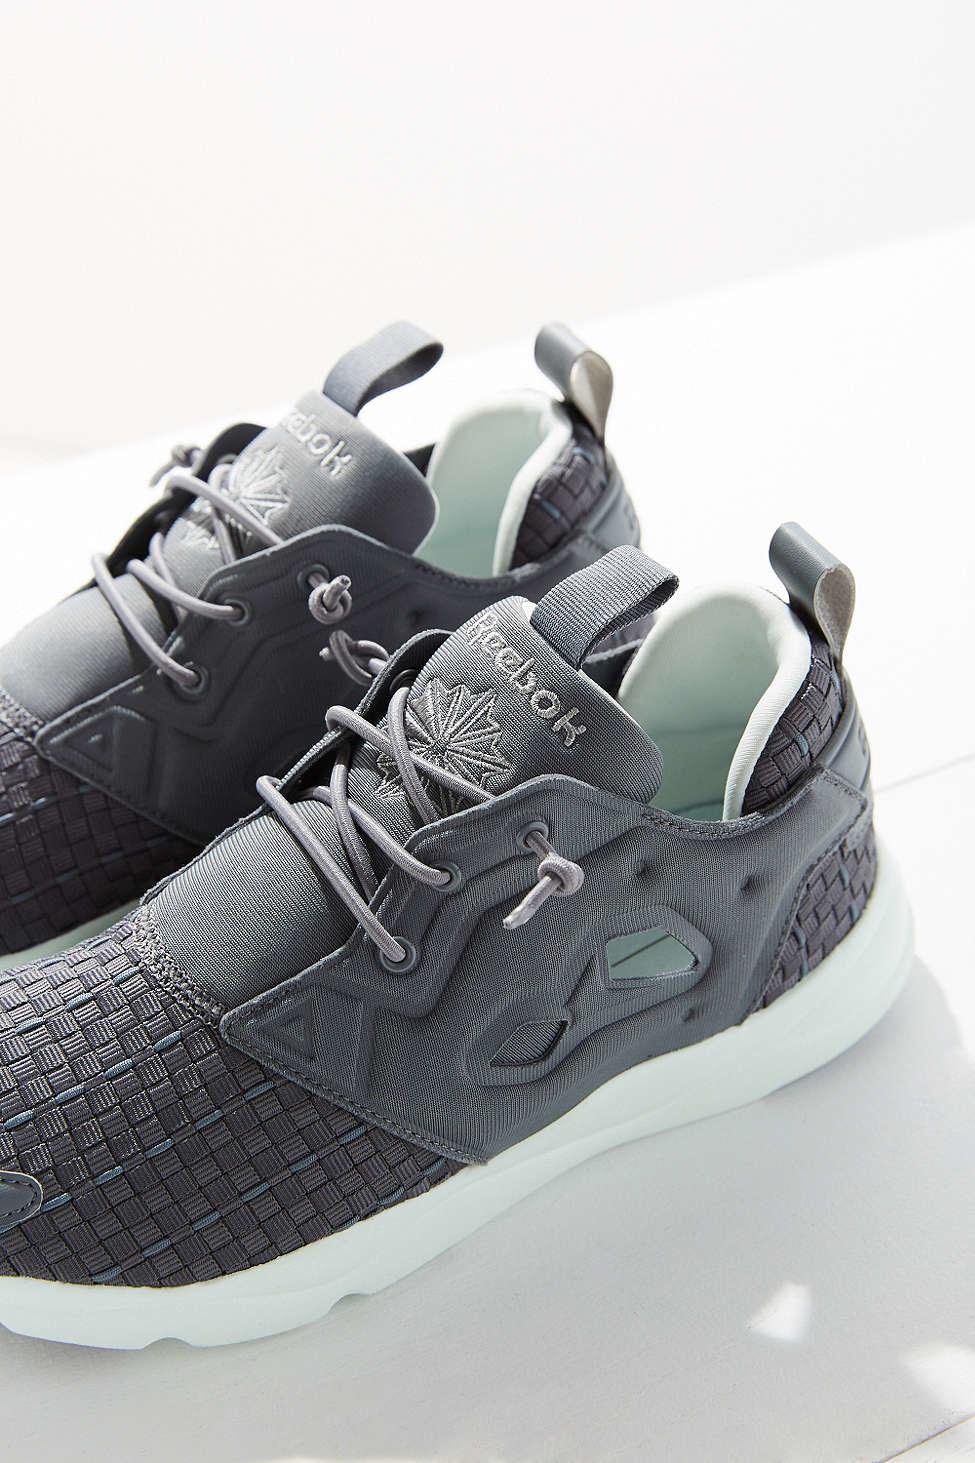 8391ceb649a99 Lyst - Reebok Furylite New Woven Sneaker in Gray